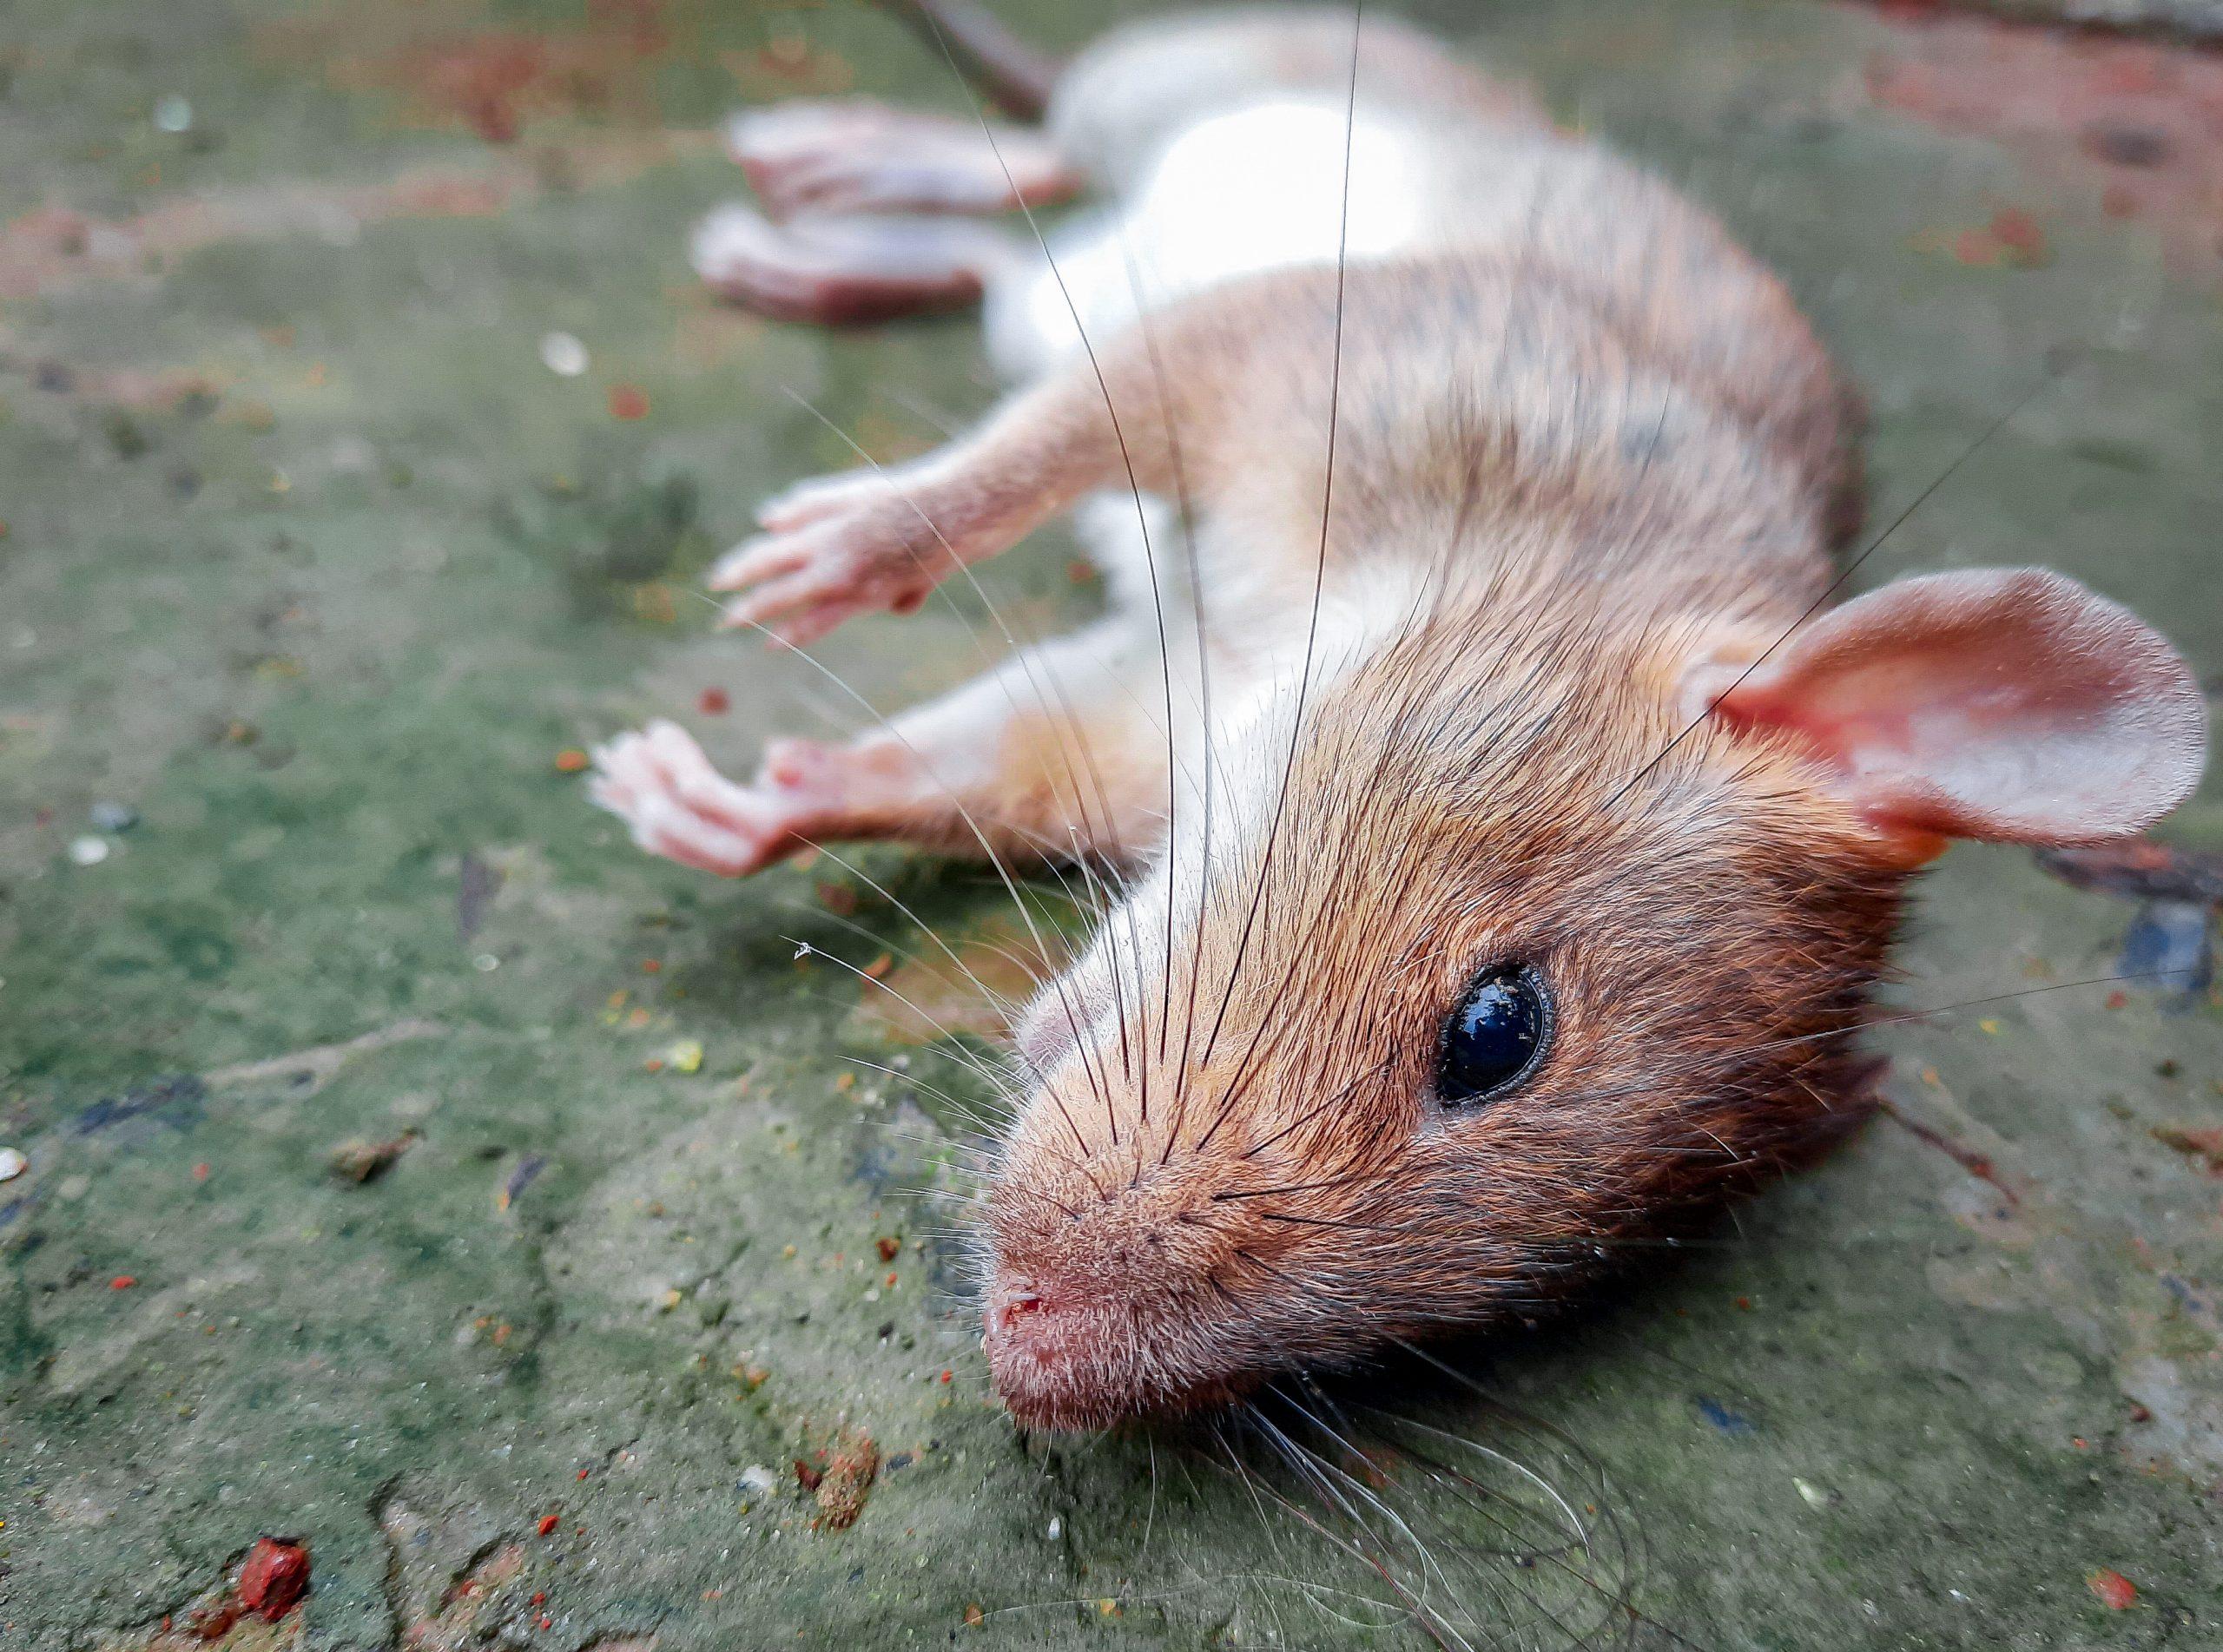 Rat on Focus